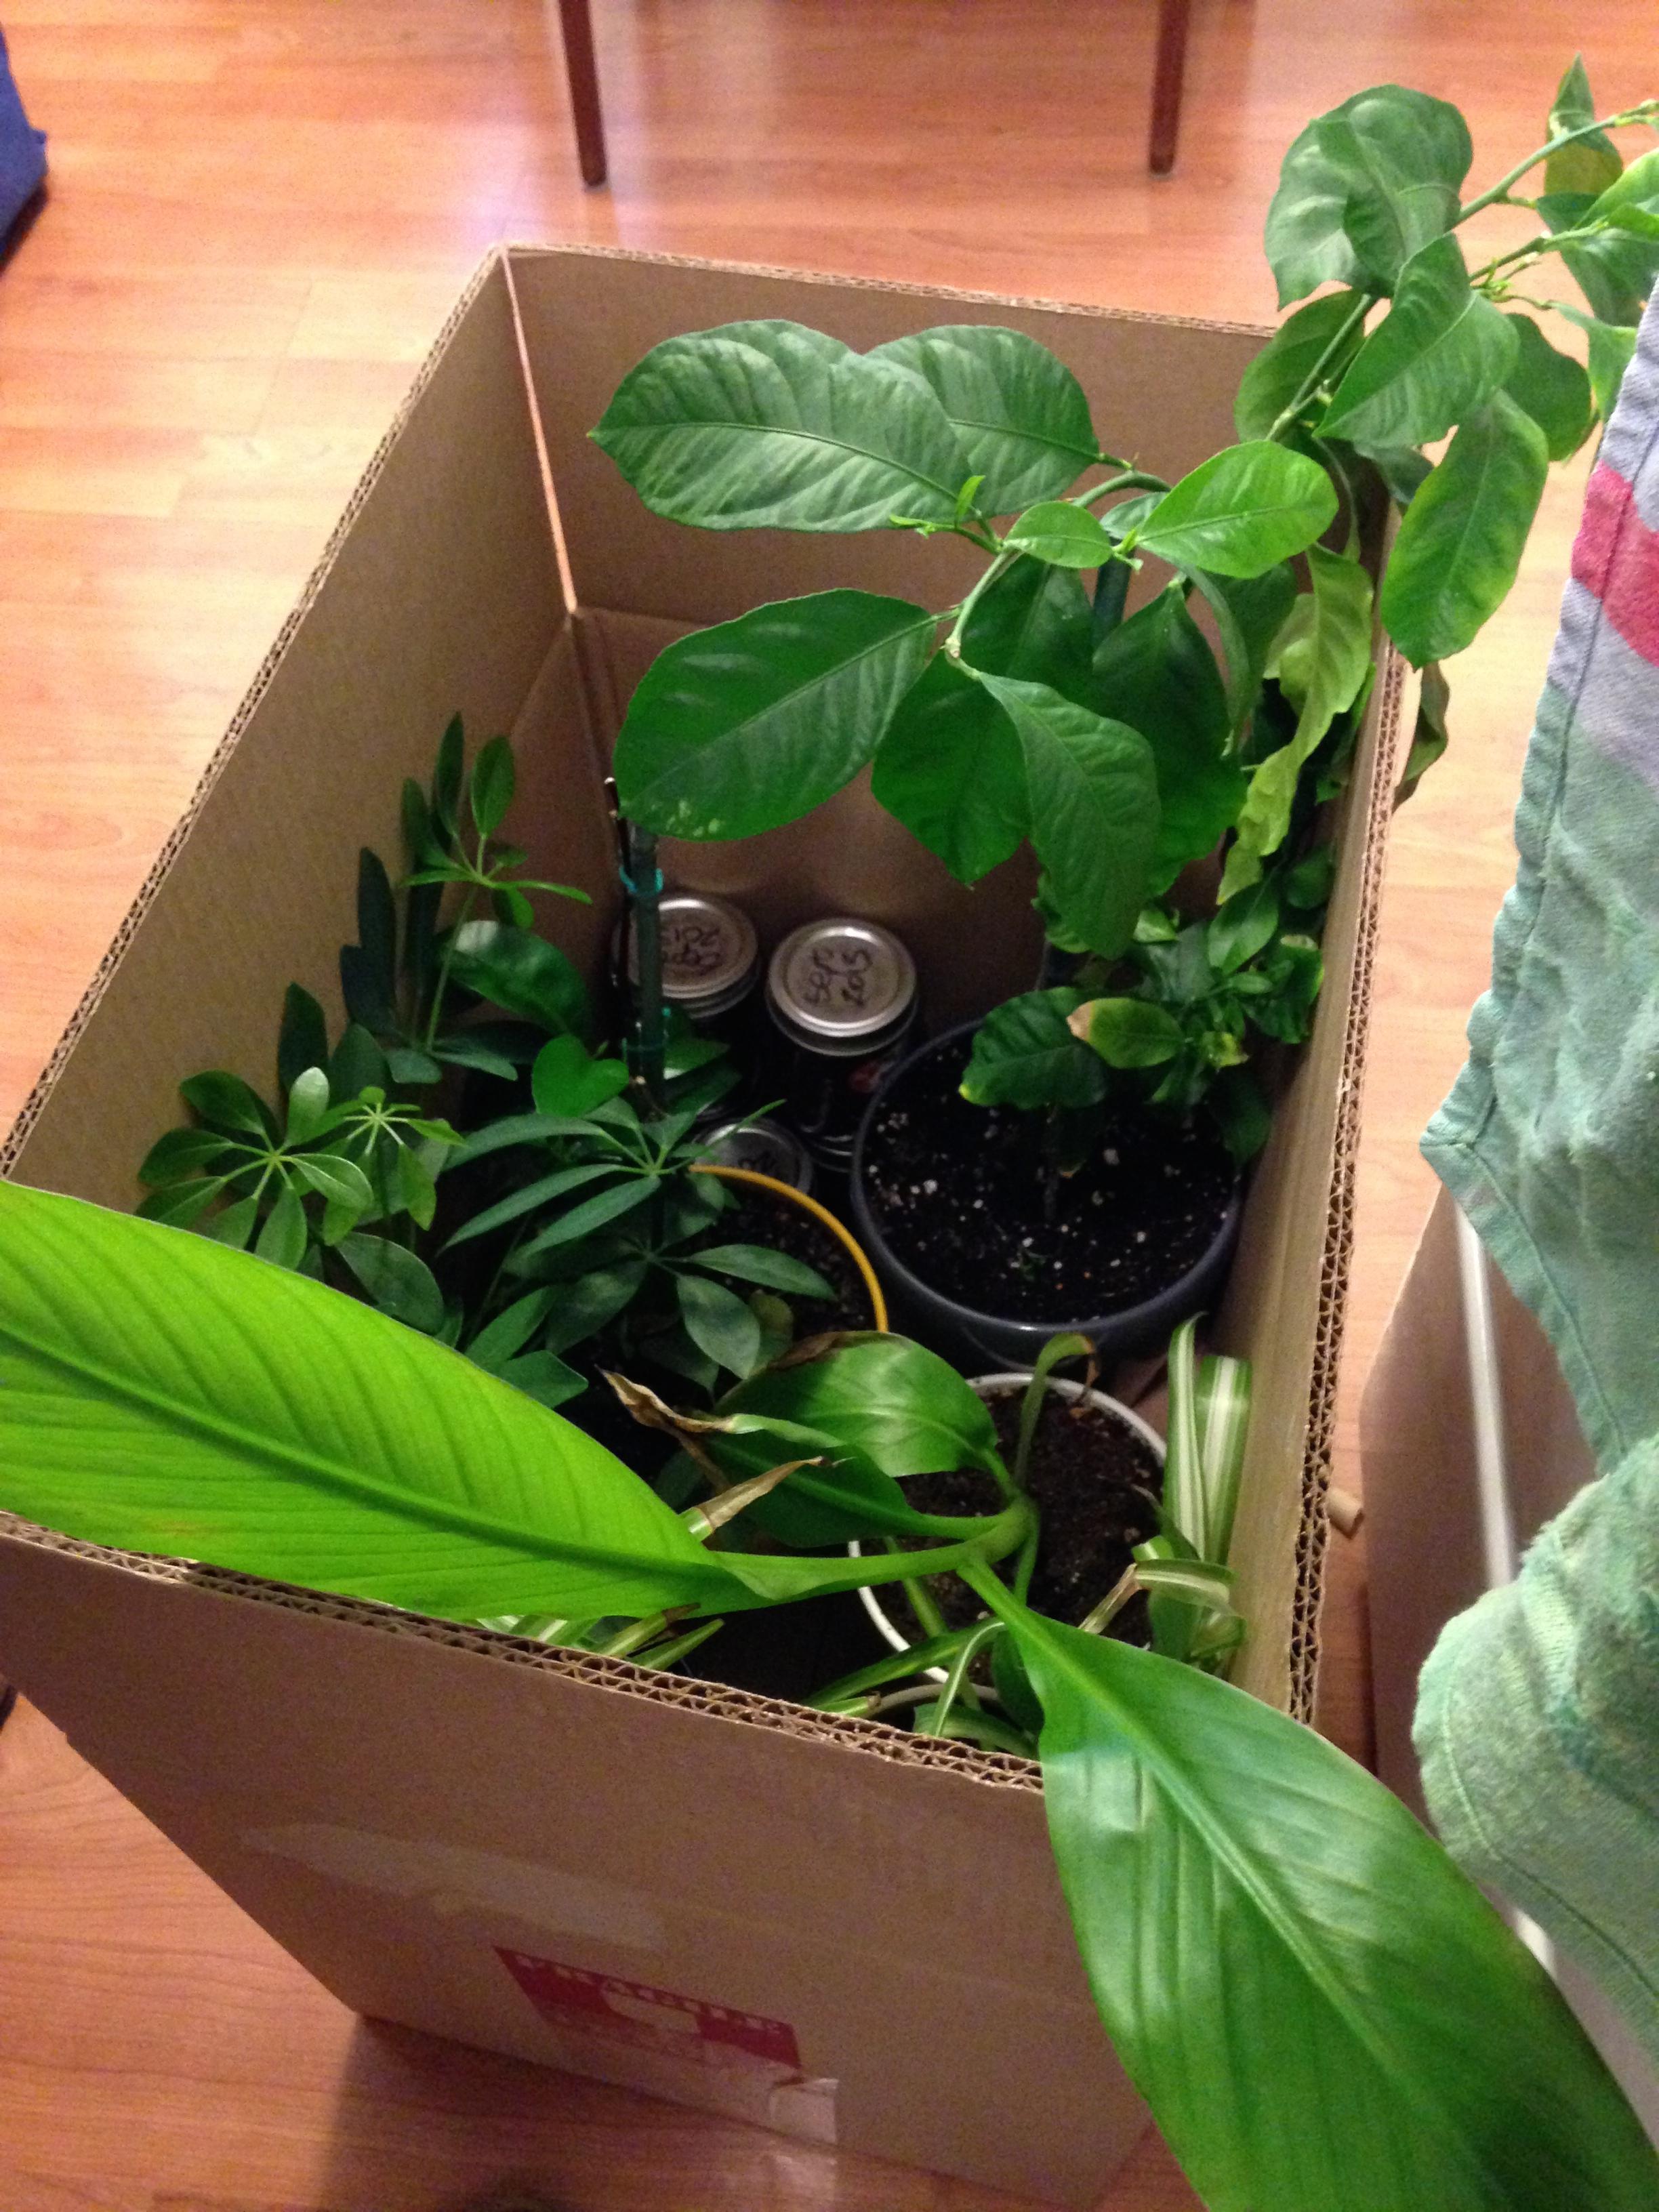 Bye bye plants!